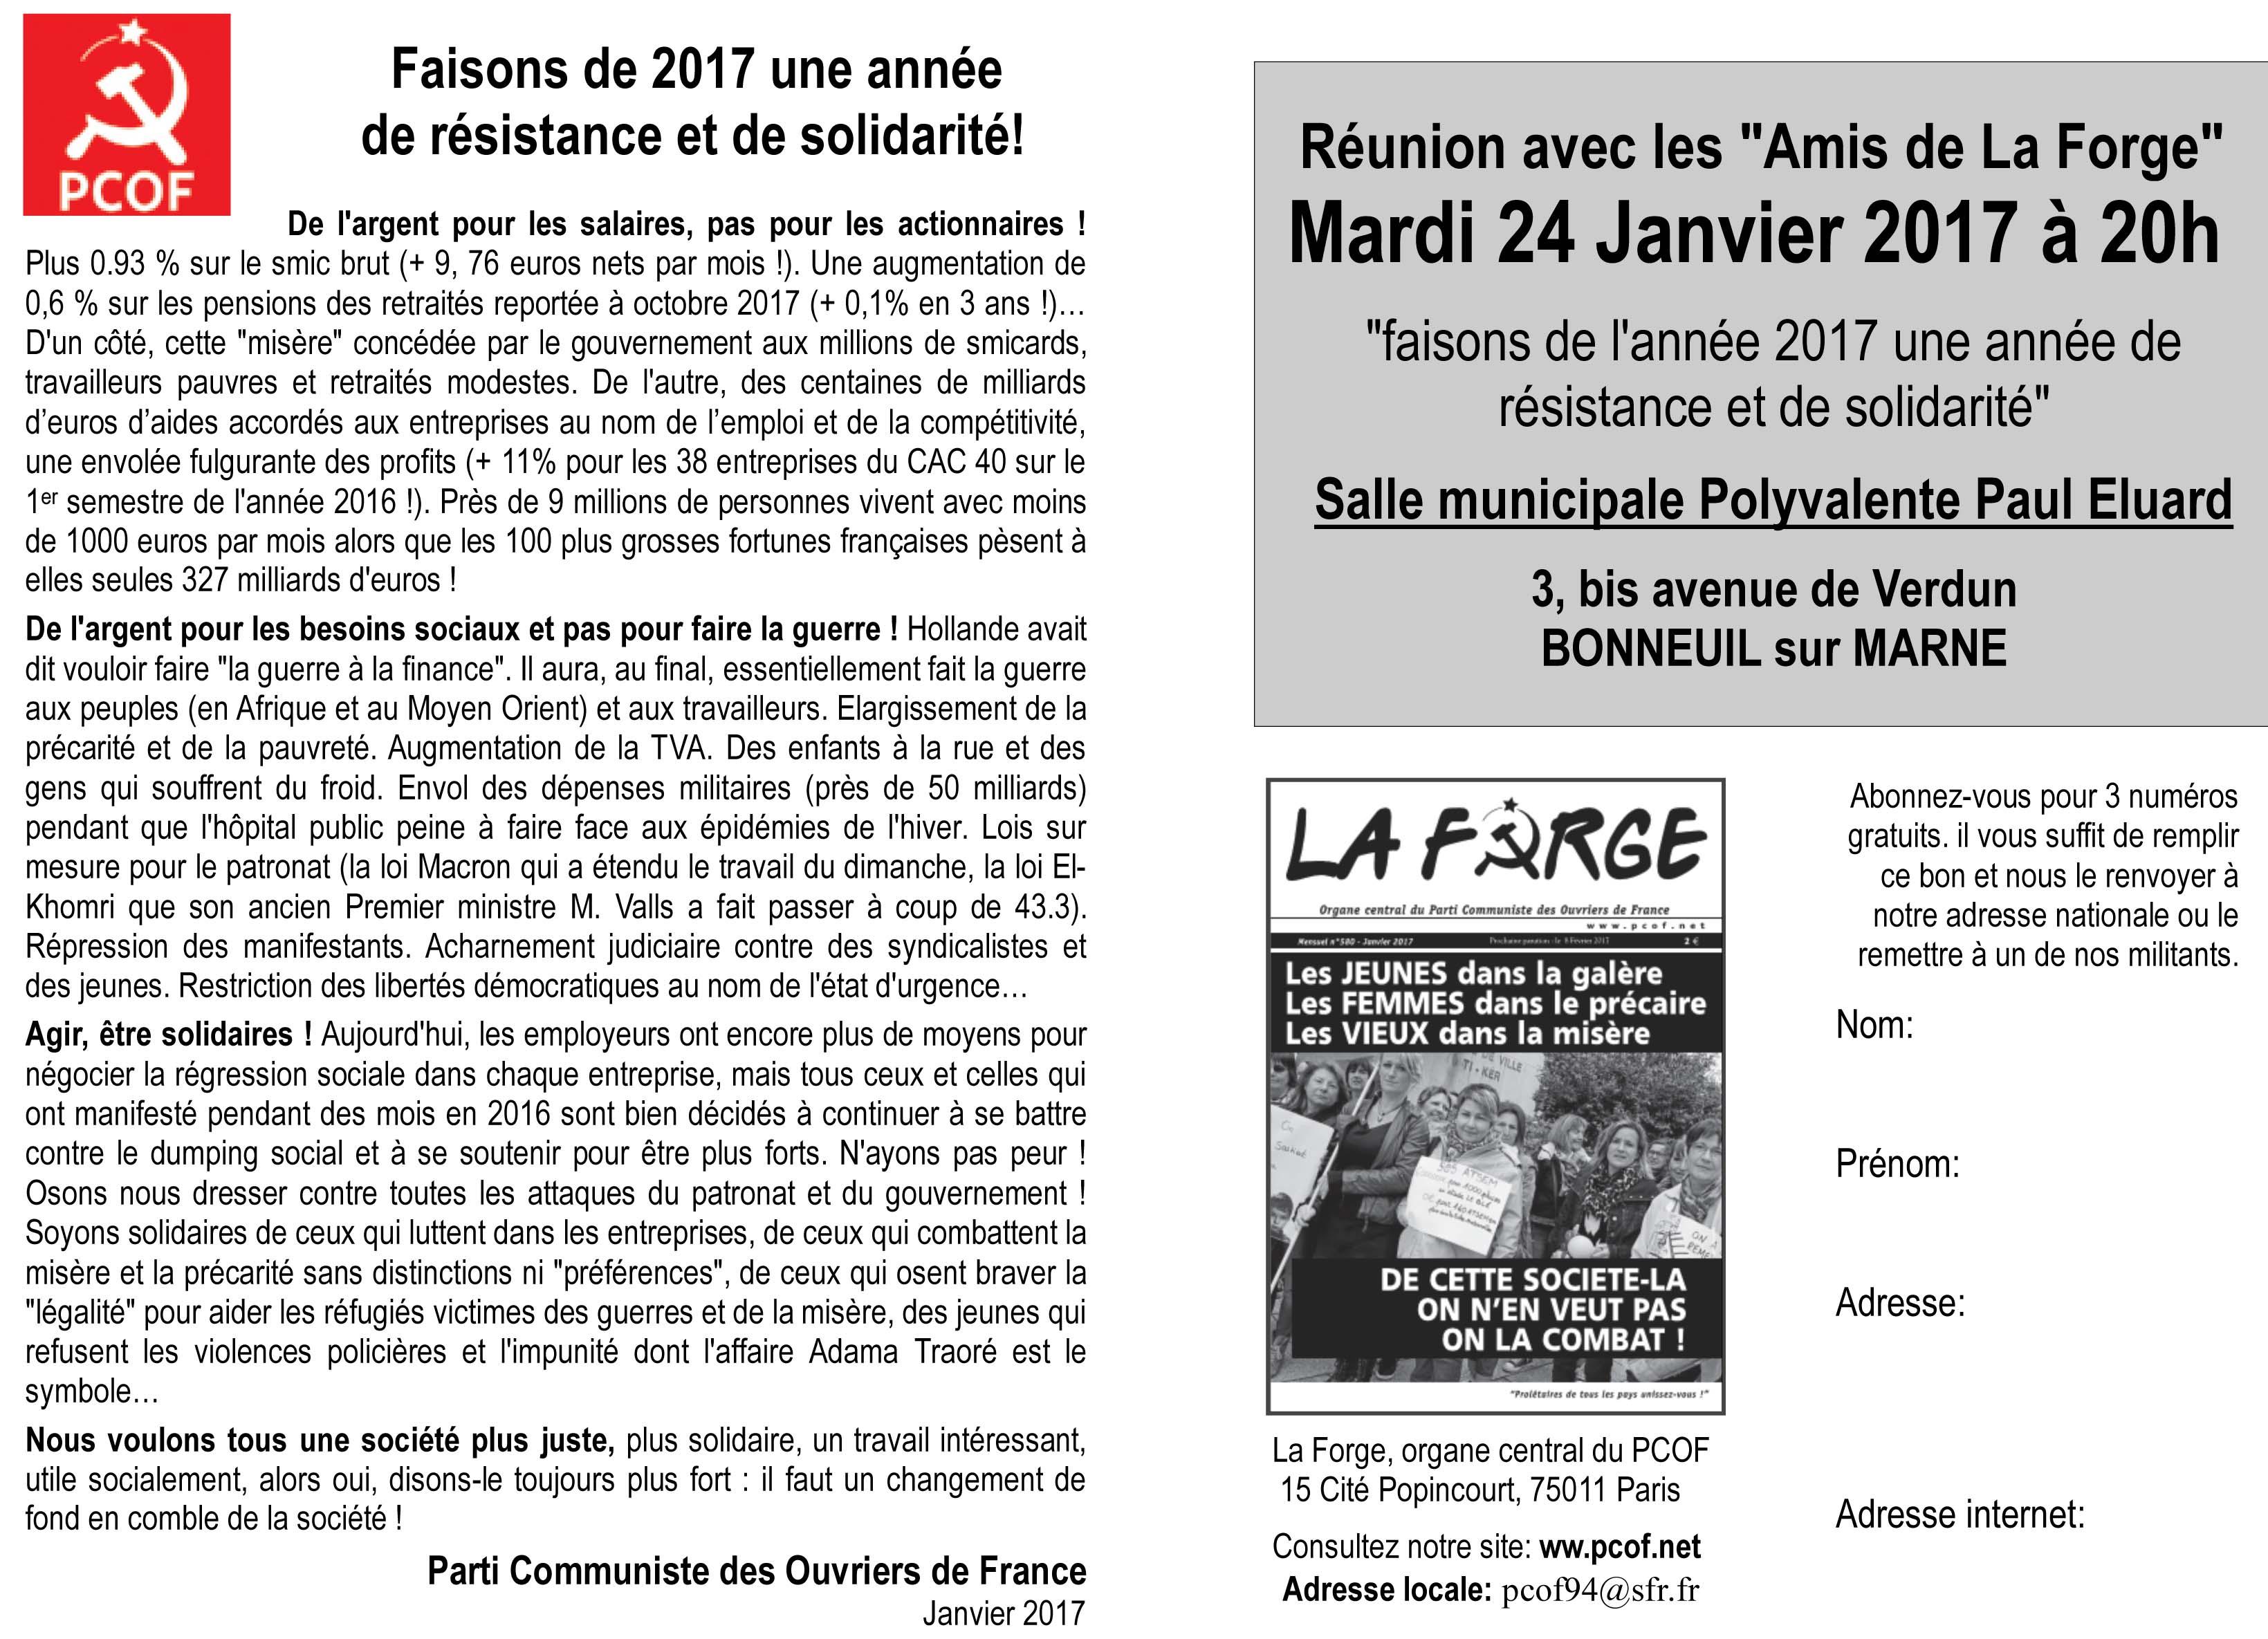 Bonneuil : les amis de La Forge vous donnent rendez-vous à 20h, salle municipale Paul Eluard, 3 bis avenue de Verdun